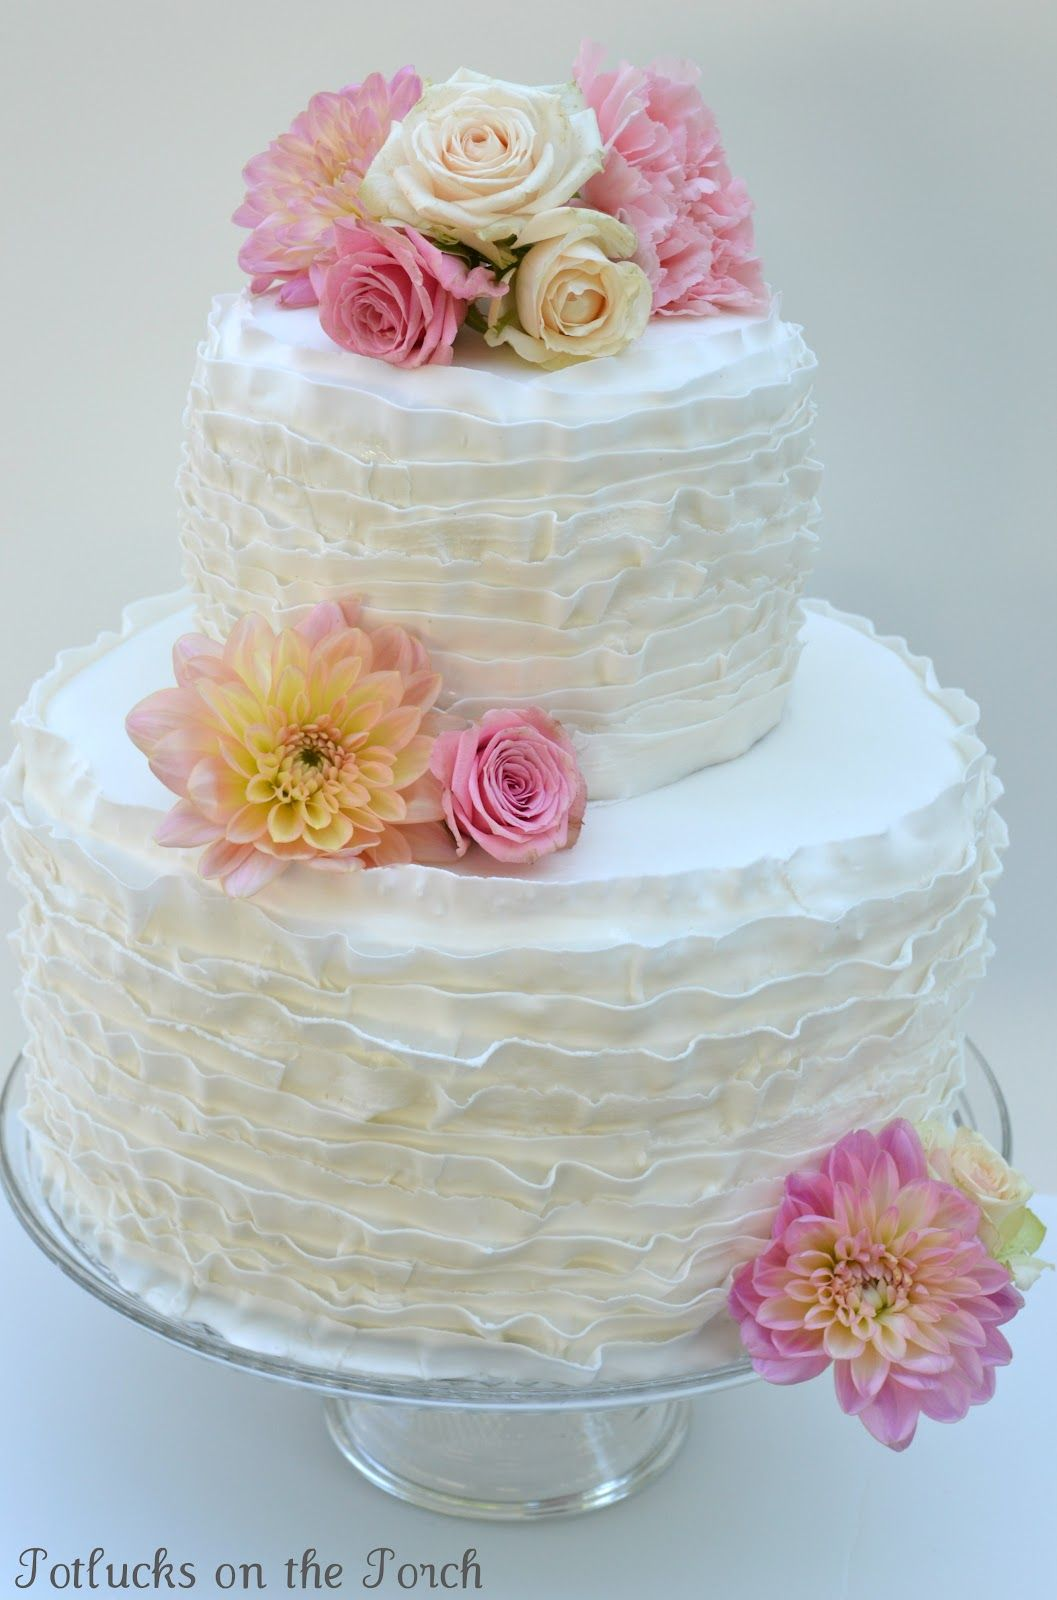 Walmart Wedding Cakes Uwofsku Walmart Wedding Cake Fondant Ruffles Luxury Wedding Cake